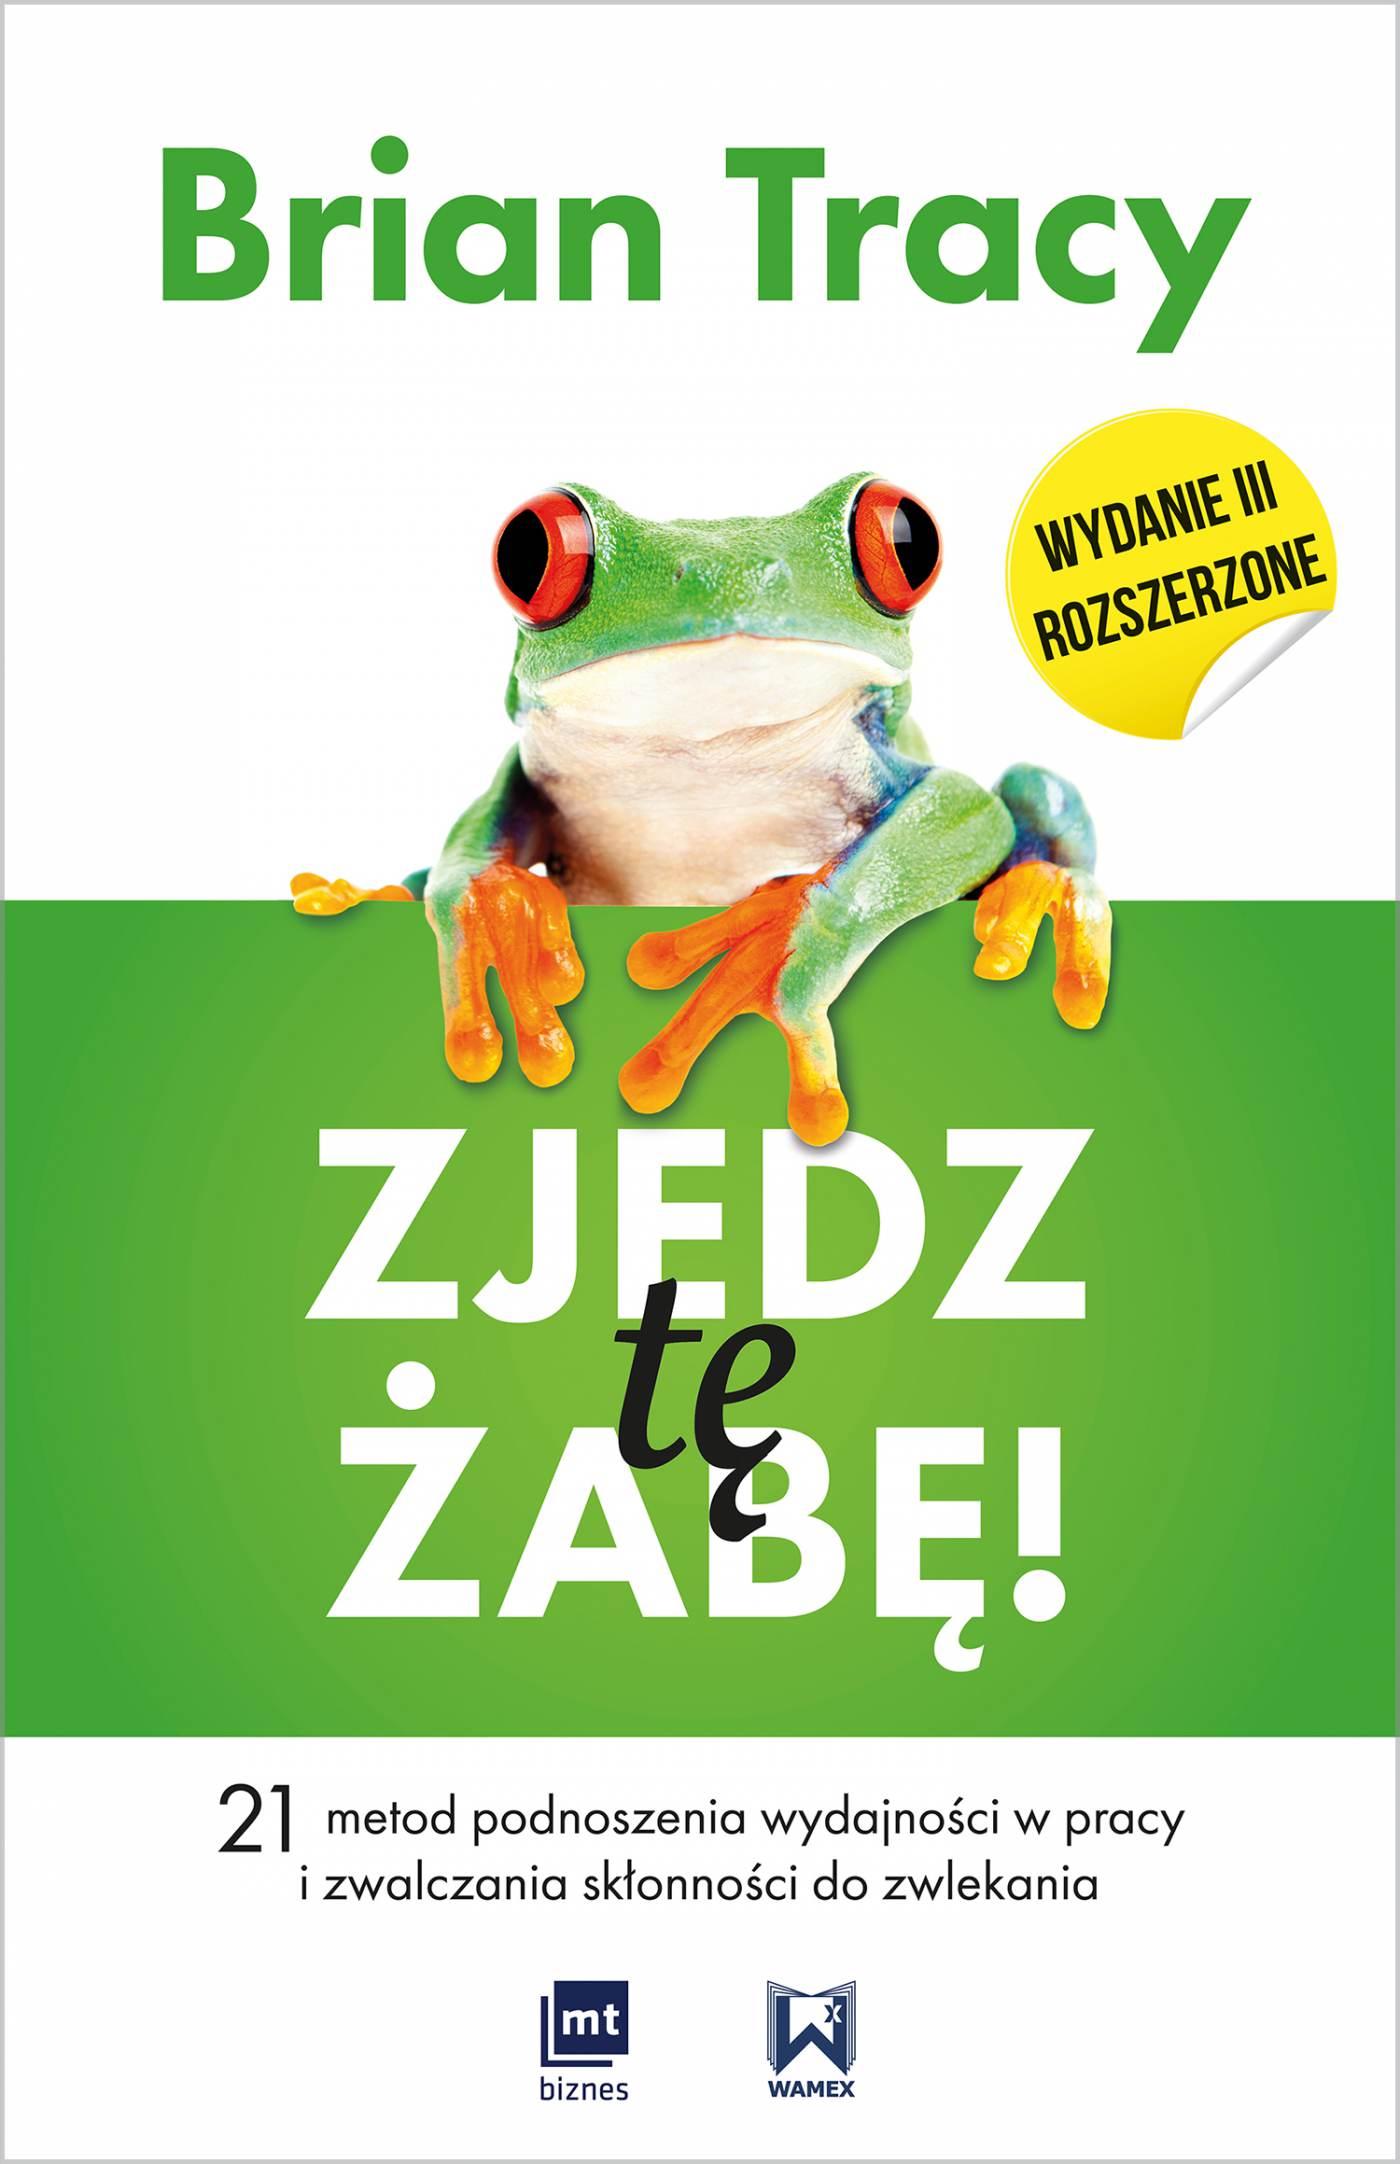 Zjedz tę żabę! (wydanie III rozszerzone) - Ebook (Książka EPUB) do pobrania w formacie EPUB